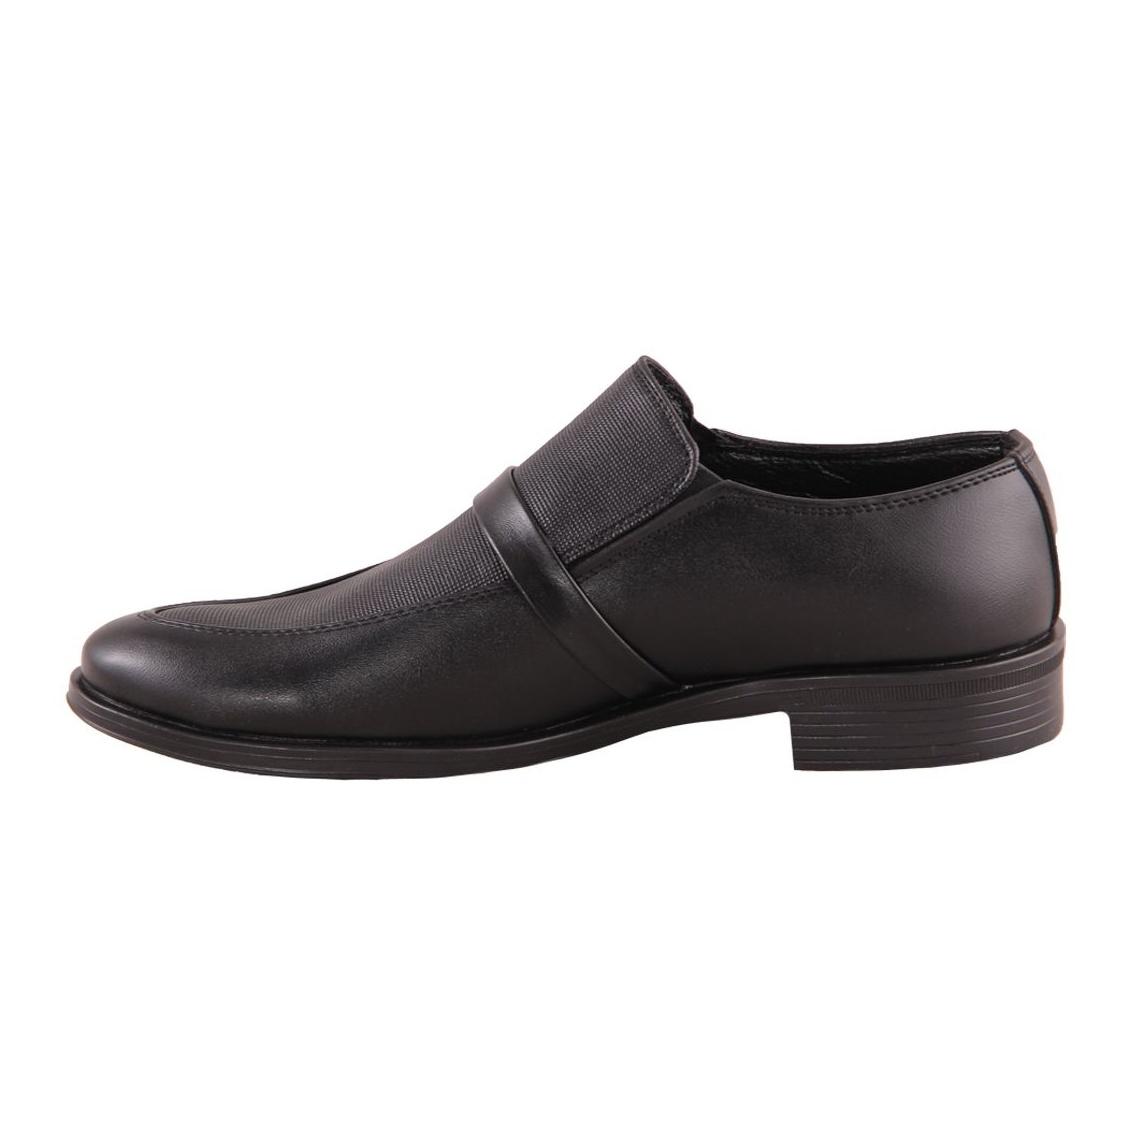 کفش مردانه کد 1-39815